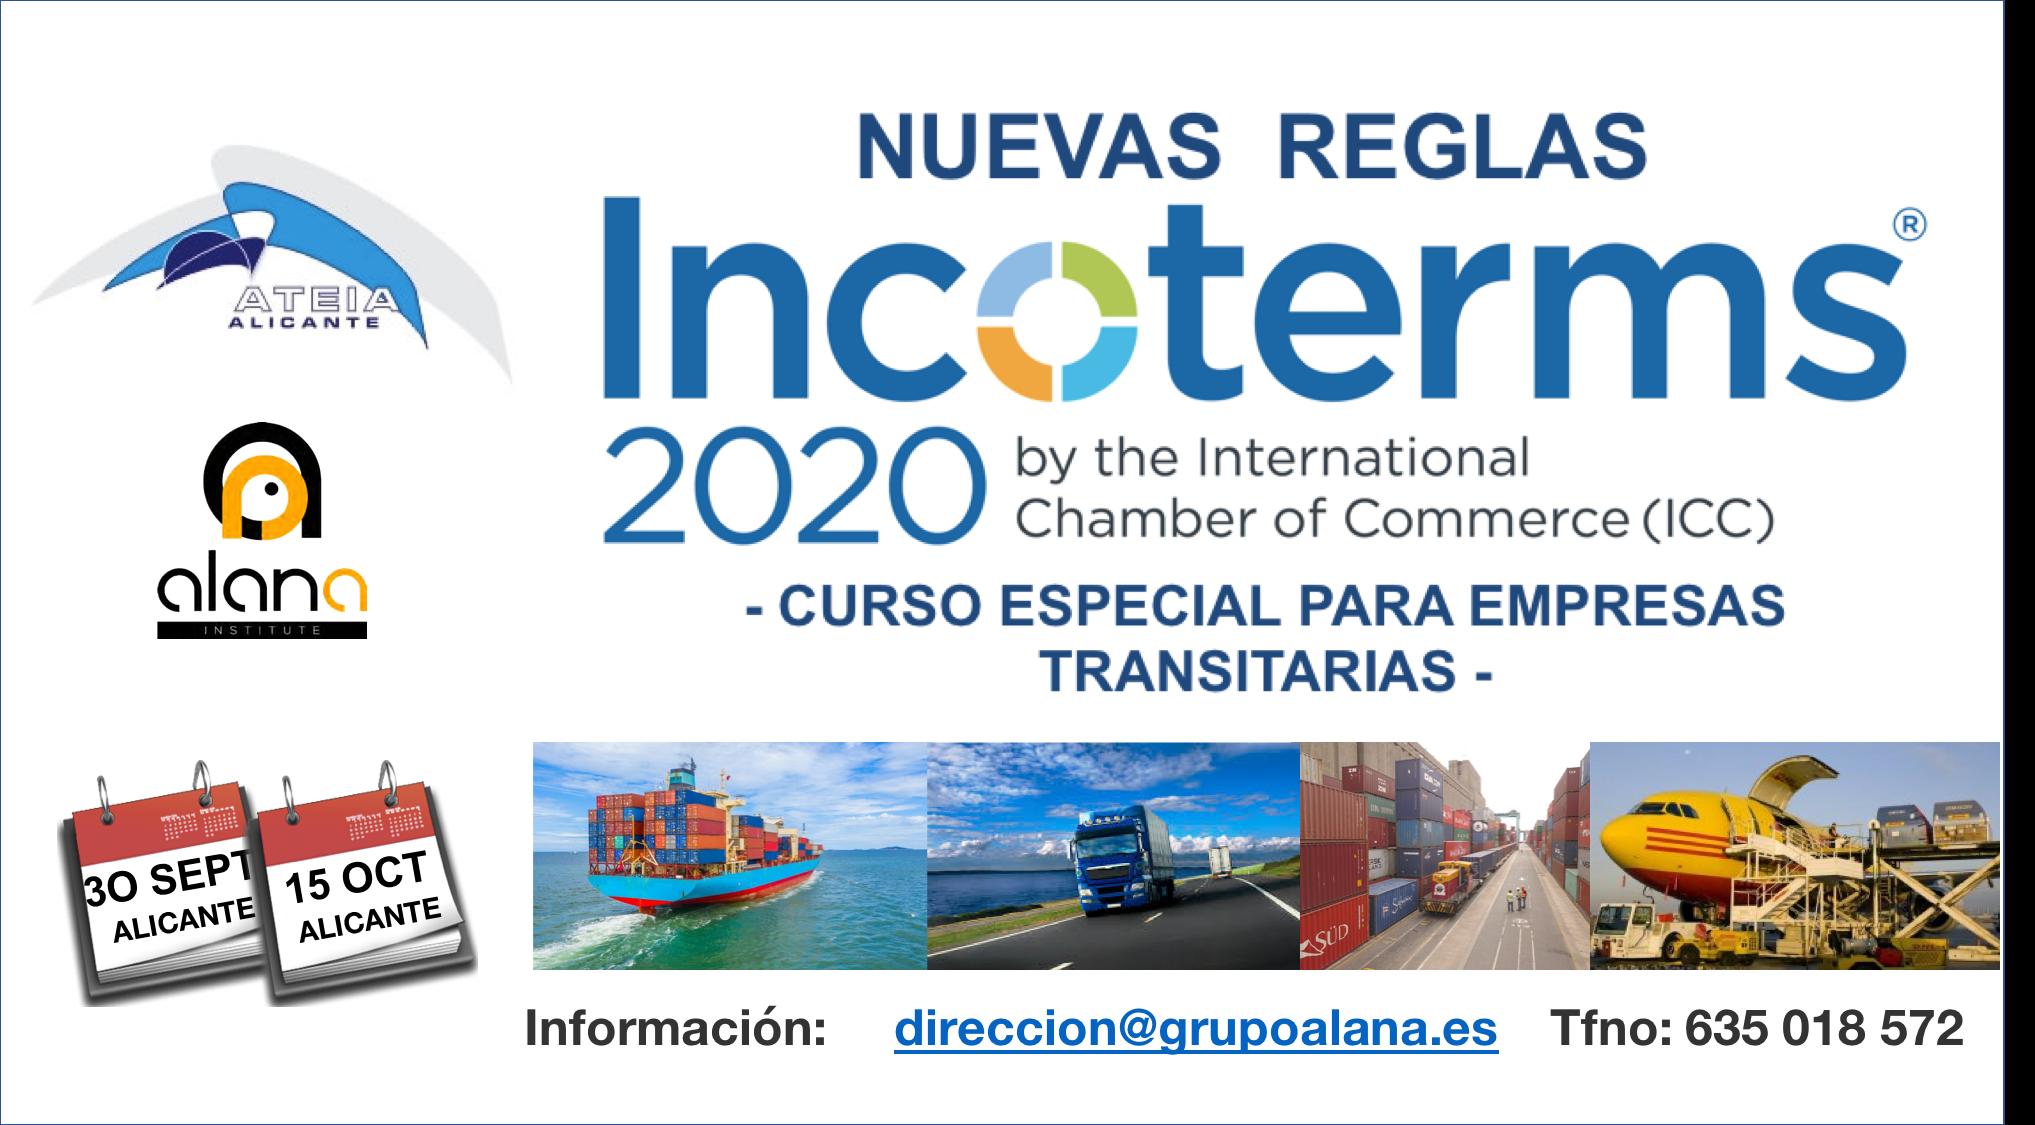 CURSO ESPECIAL INCOTERMS 2020 TRANSITARIOS